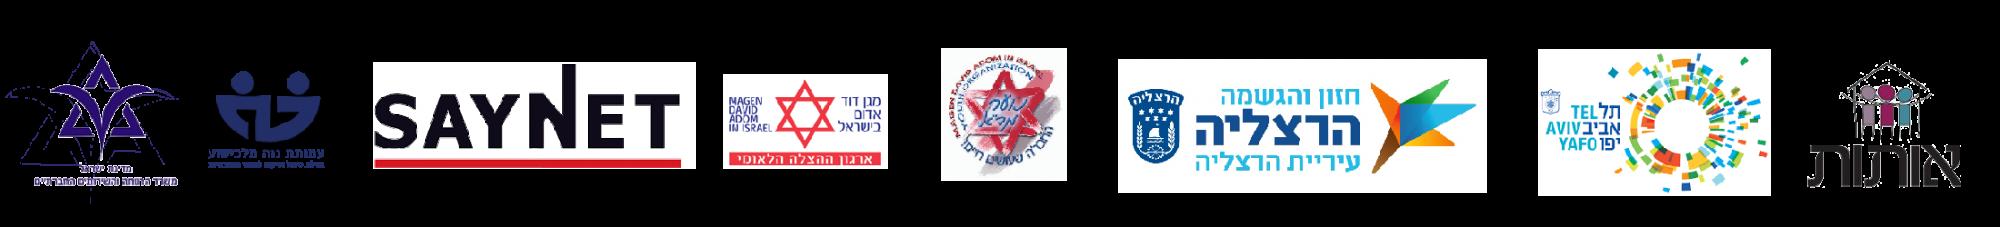 תמונות לוגו של לקוחות תומהיני